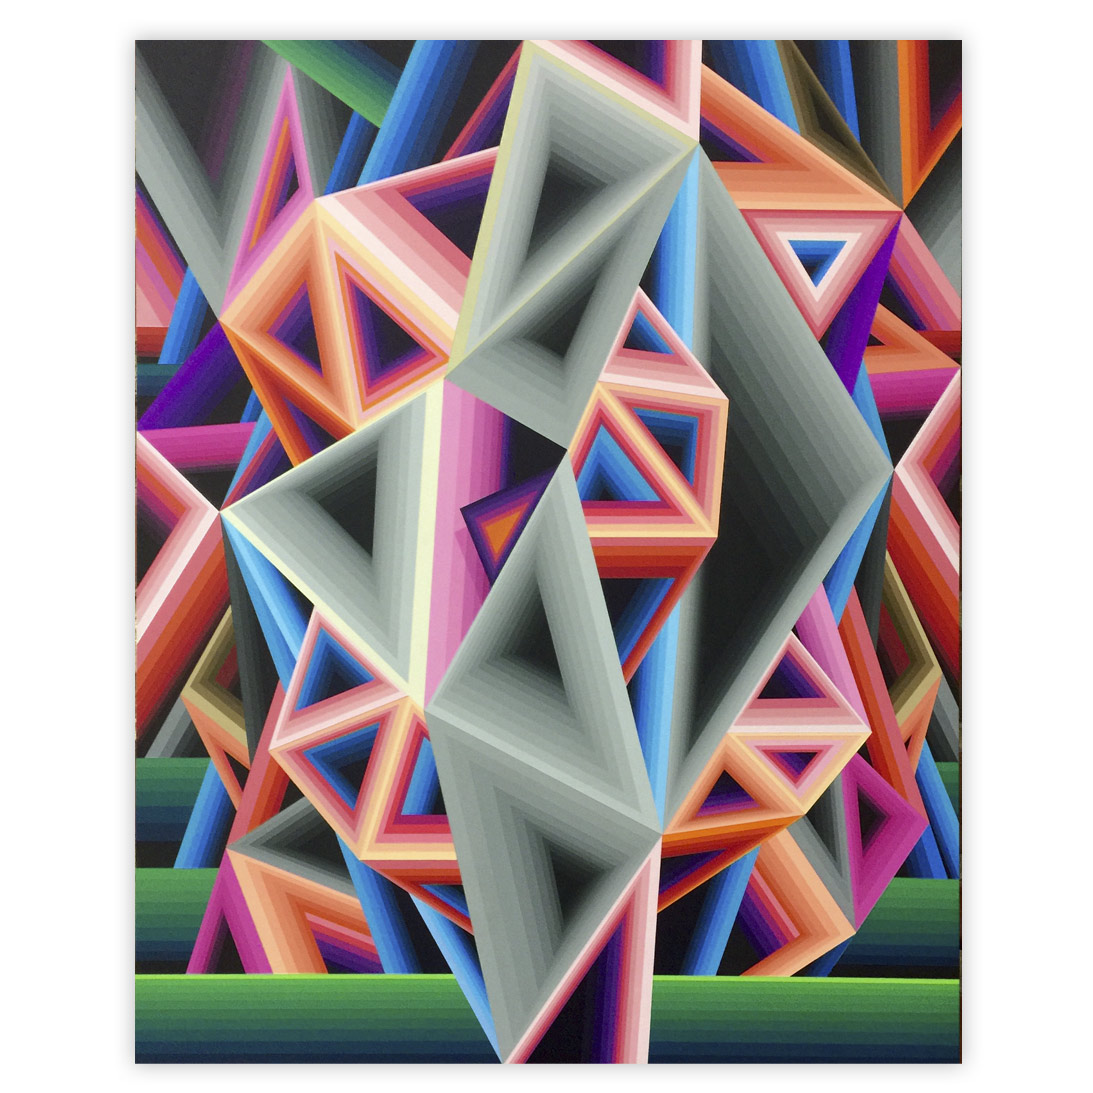 James Marshall (Dalek) Untitled 16 x 20 Inches Acrylic on wood $4,500